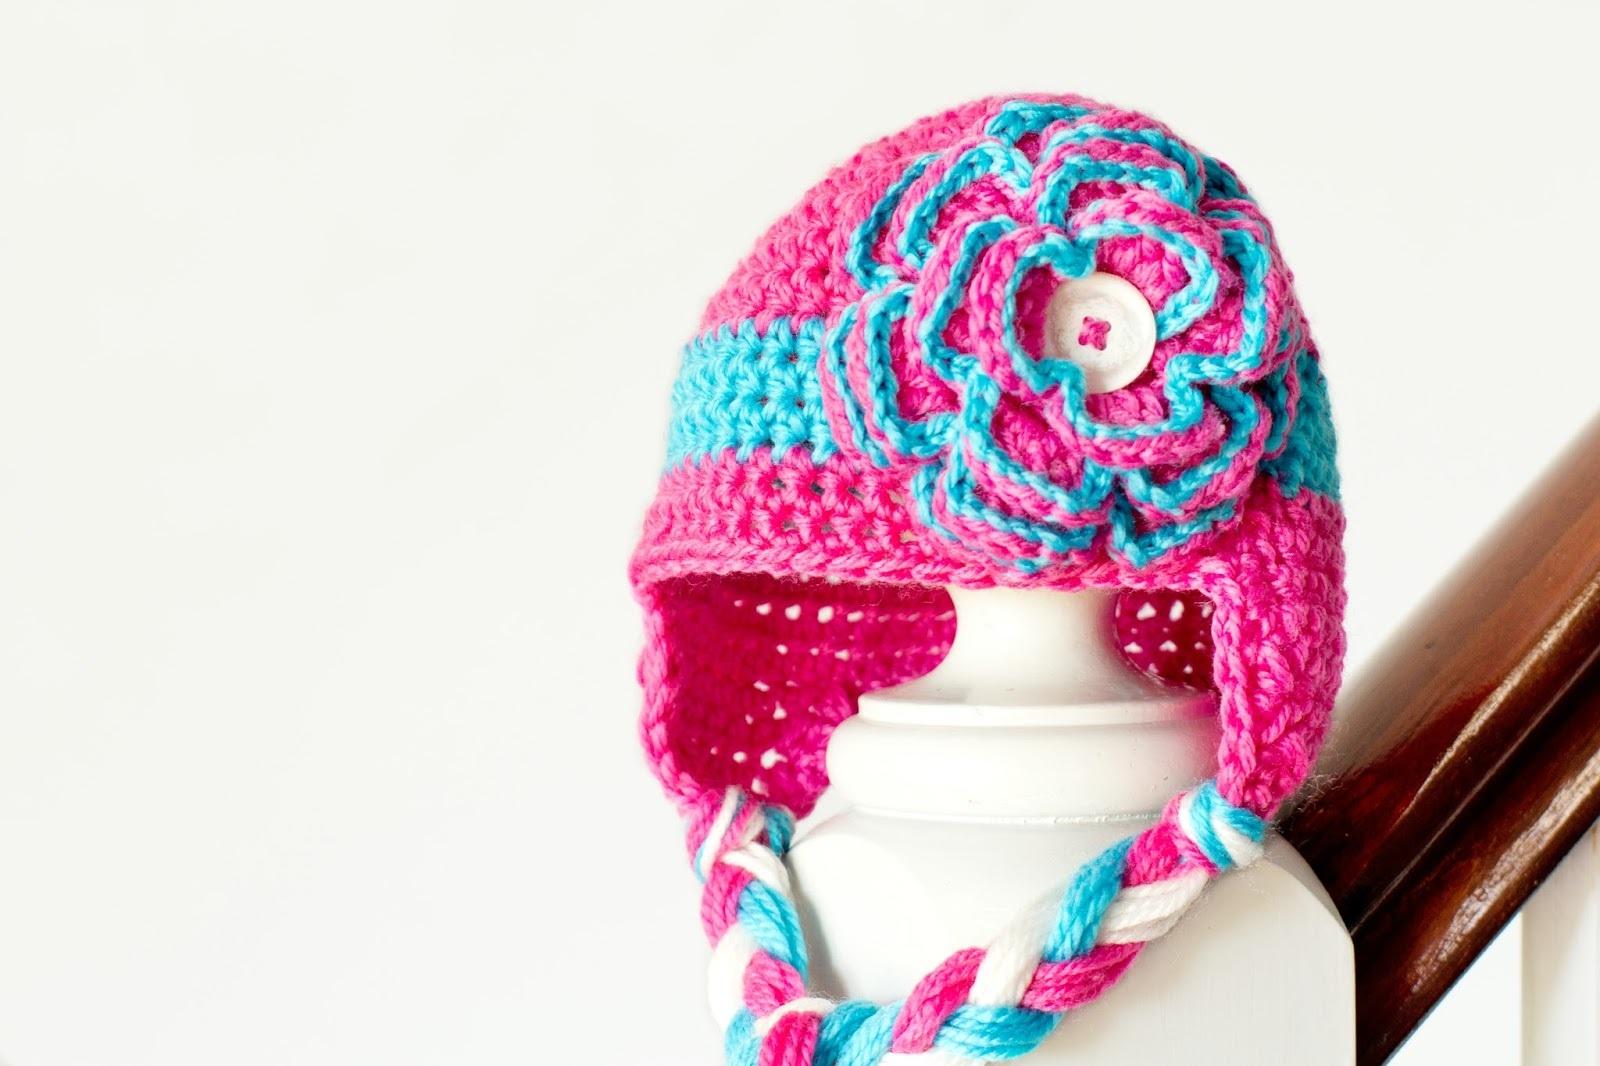 Floral Baby Earflap Hat Crochet Pattern